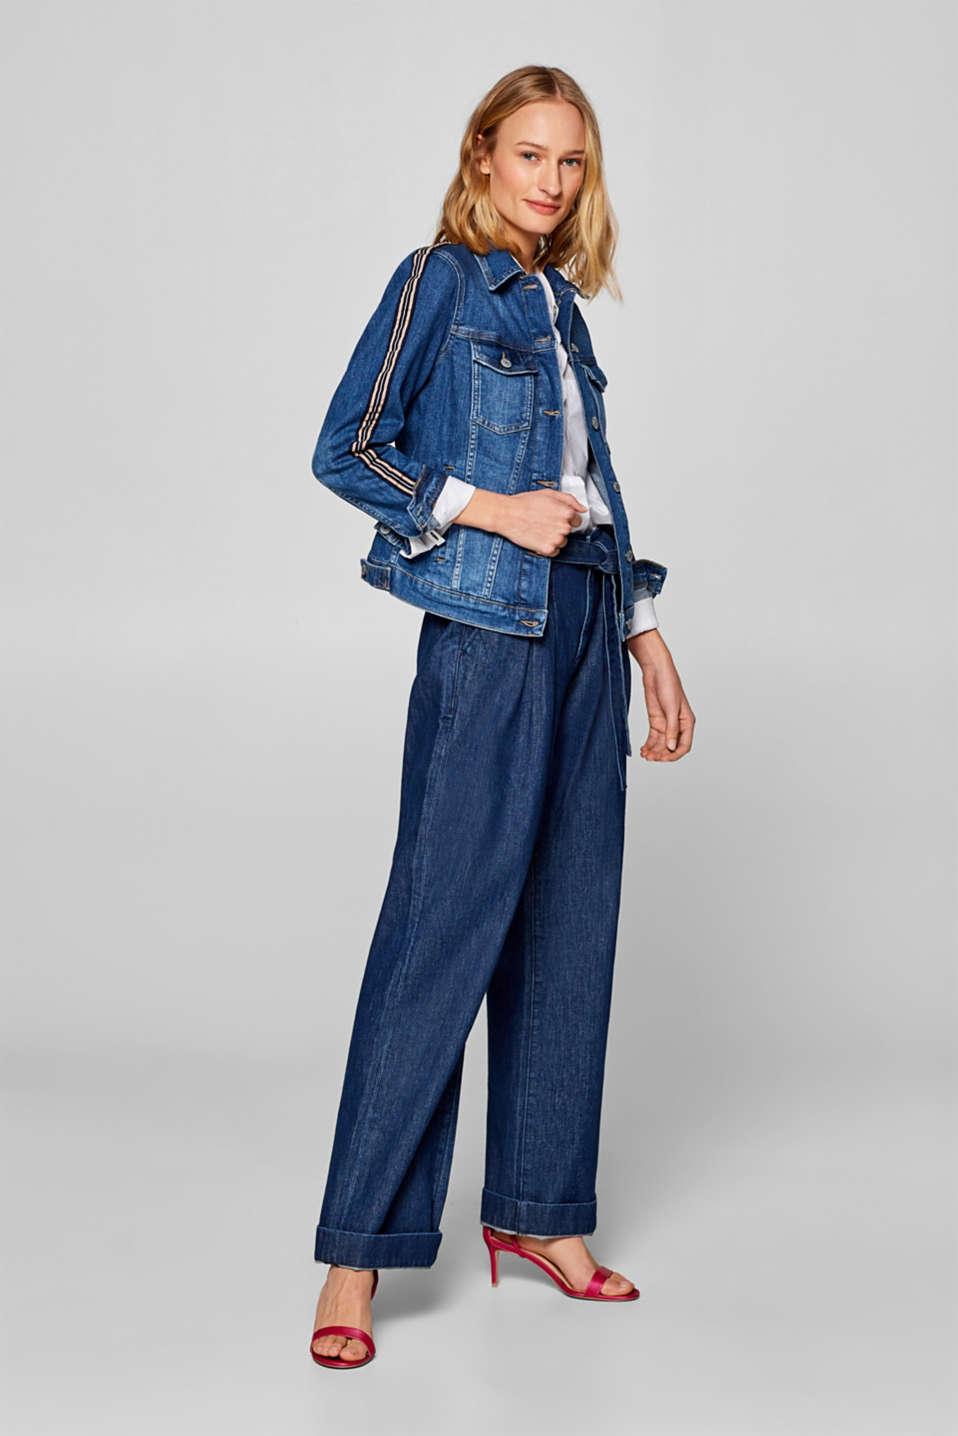 Jackets indoor denim, BLUE MEDIUM WASH, detail image number 1